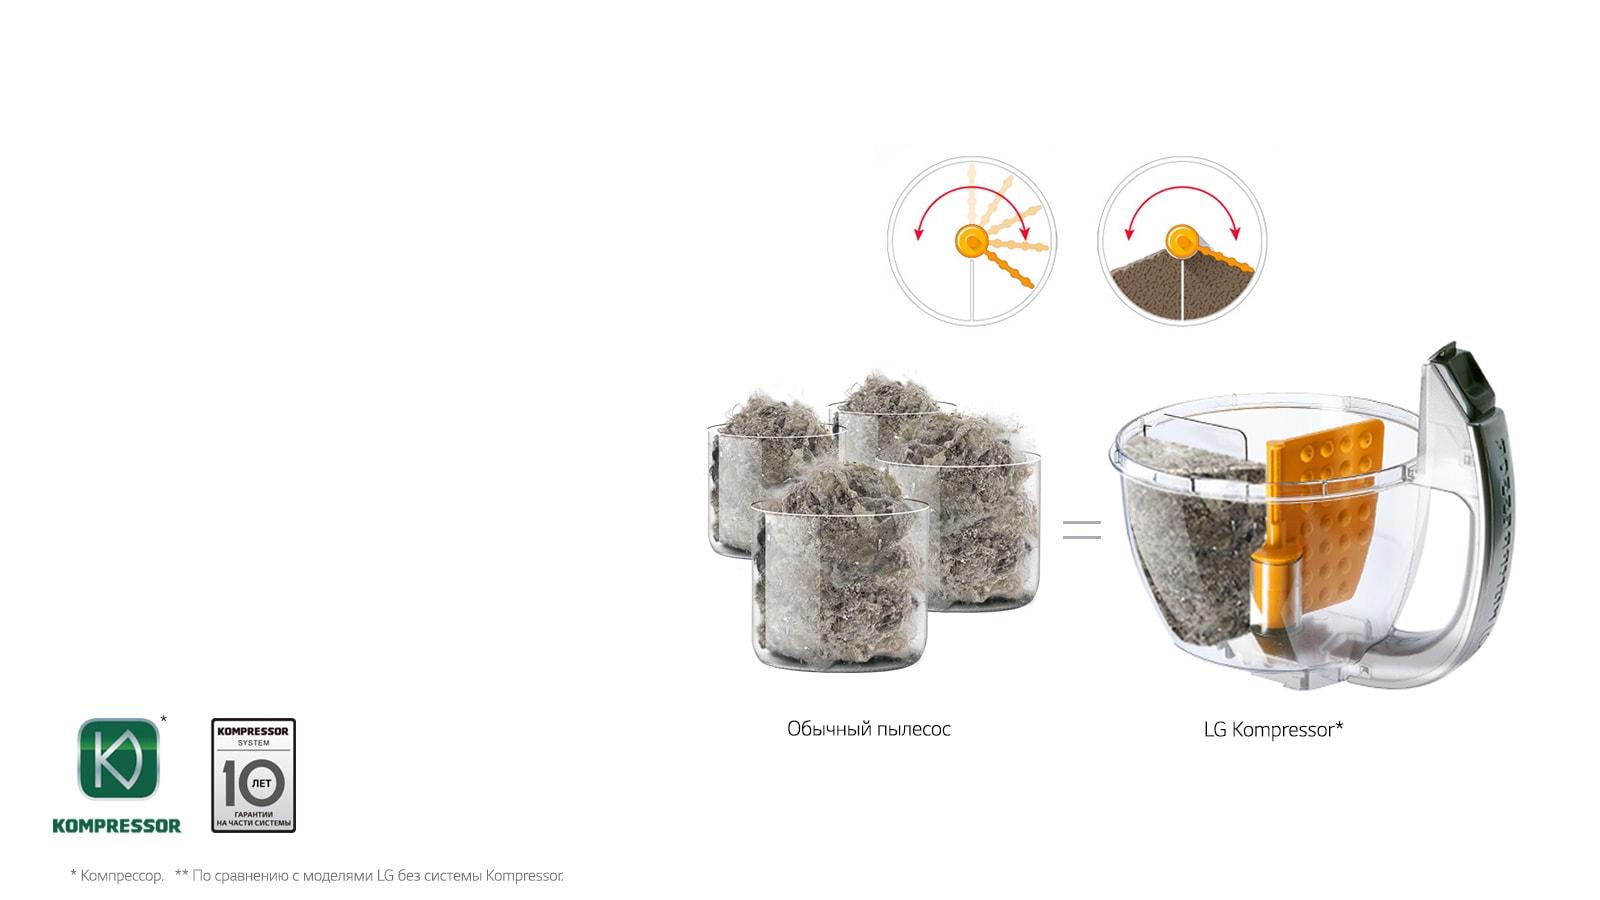 Kompressor - четырёхкратное спрессовывание пыли